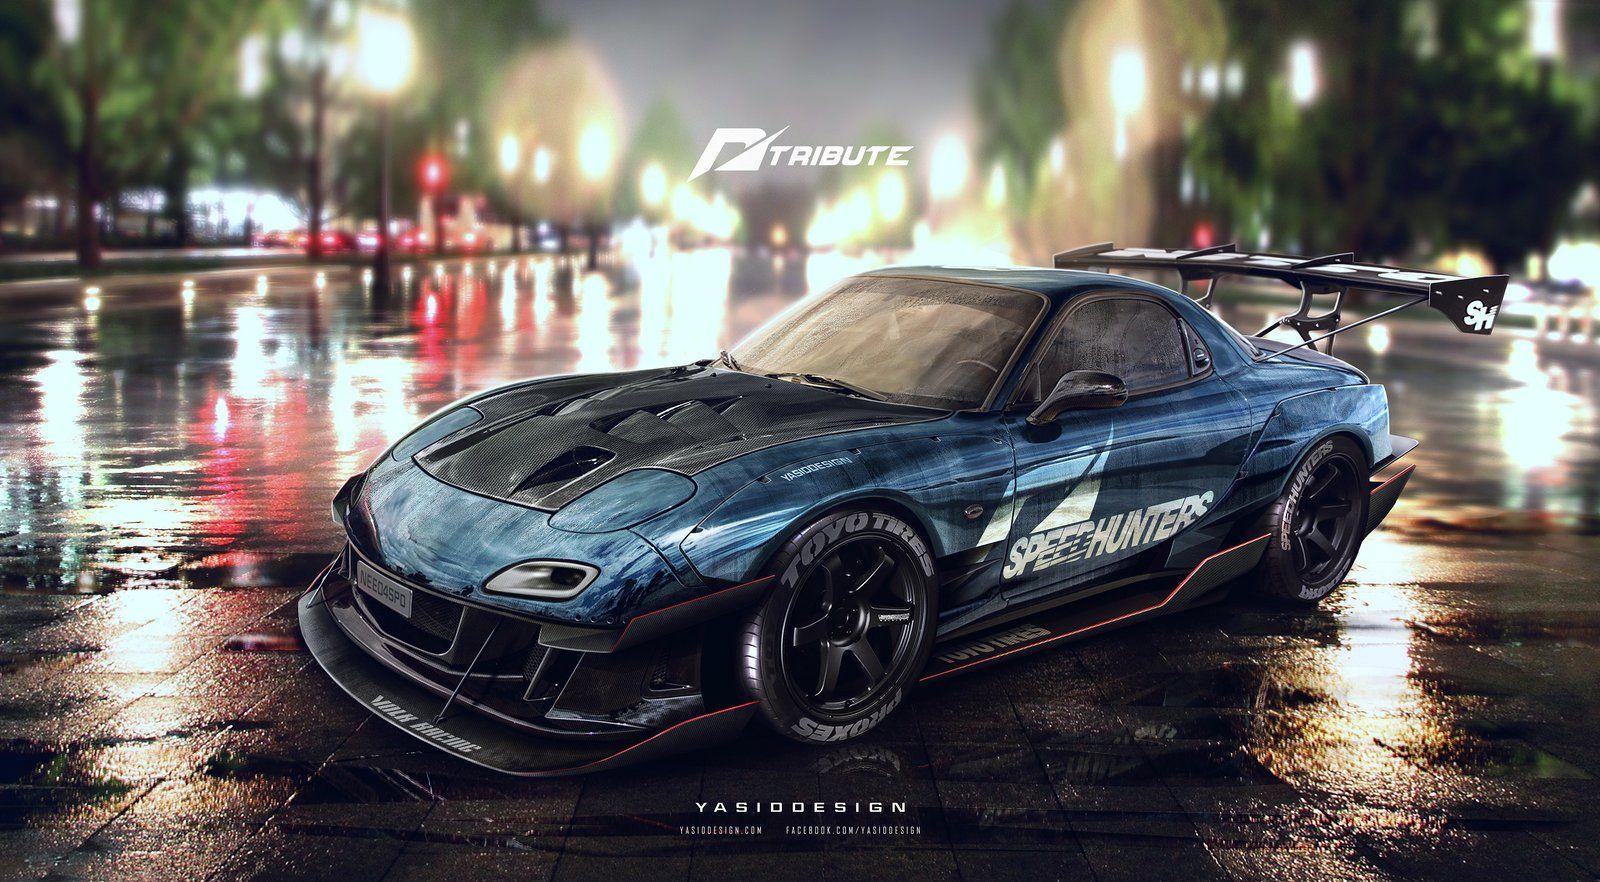 635e9cfc4b2 Speed hunters RX7 nfs tribute final 1 by yasiddesign.deviantart.com on @ DeviantArt